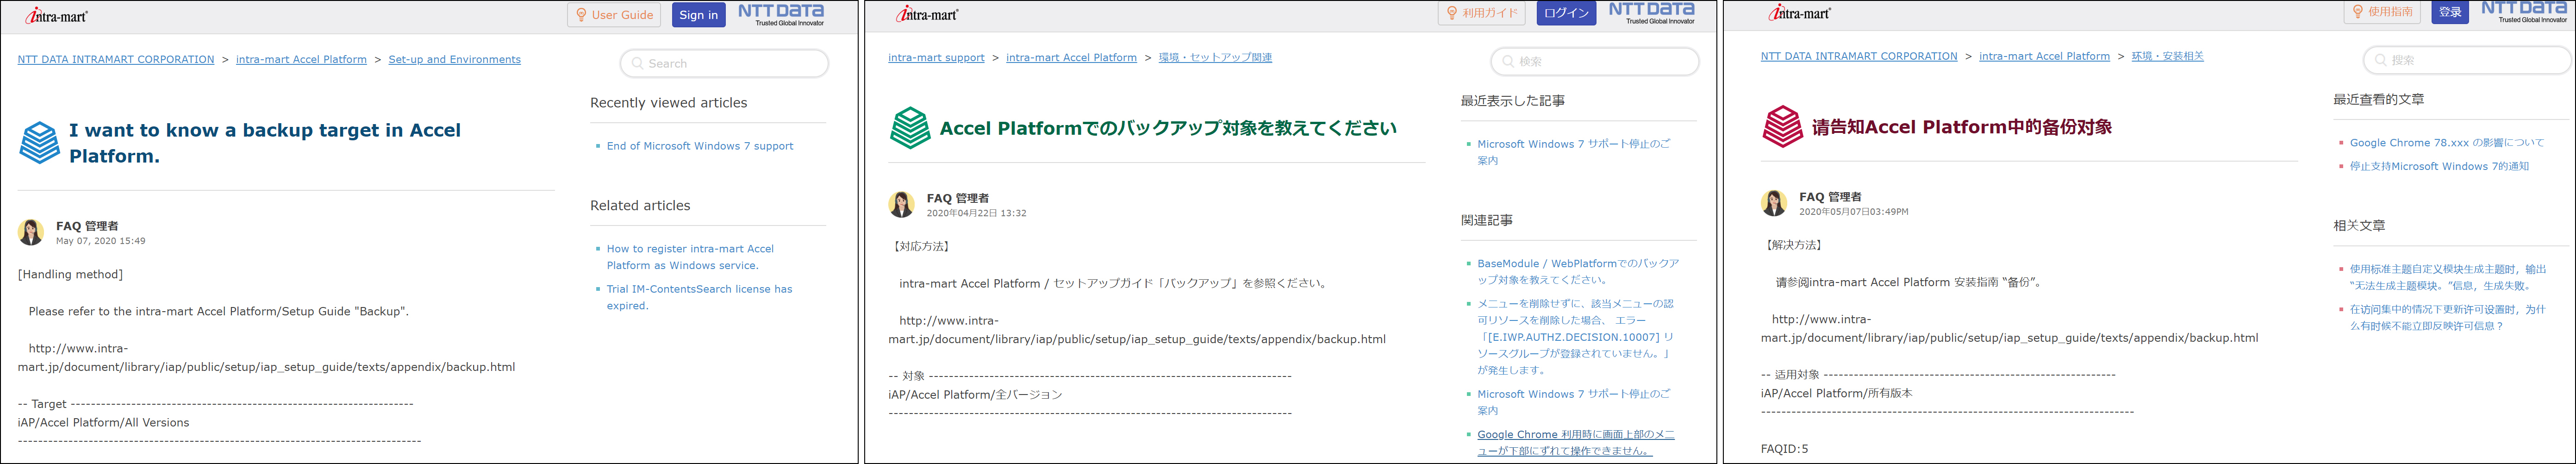 各ブランドで公開されている多言語対応のFAQサイト<br /> (左から、英語・日本語・中国語)